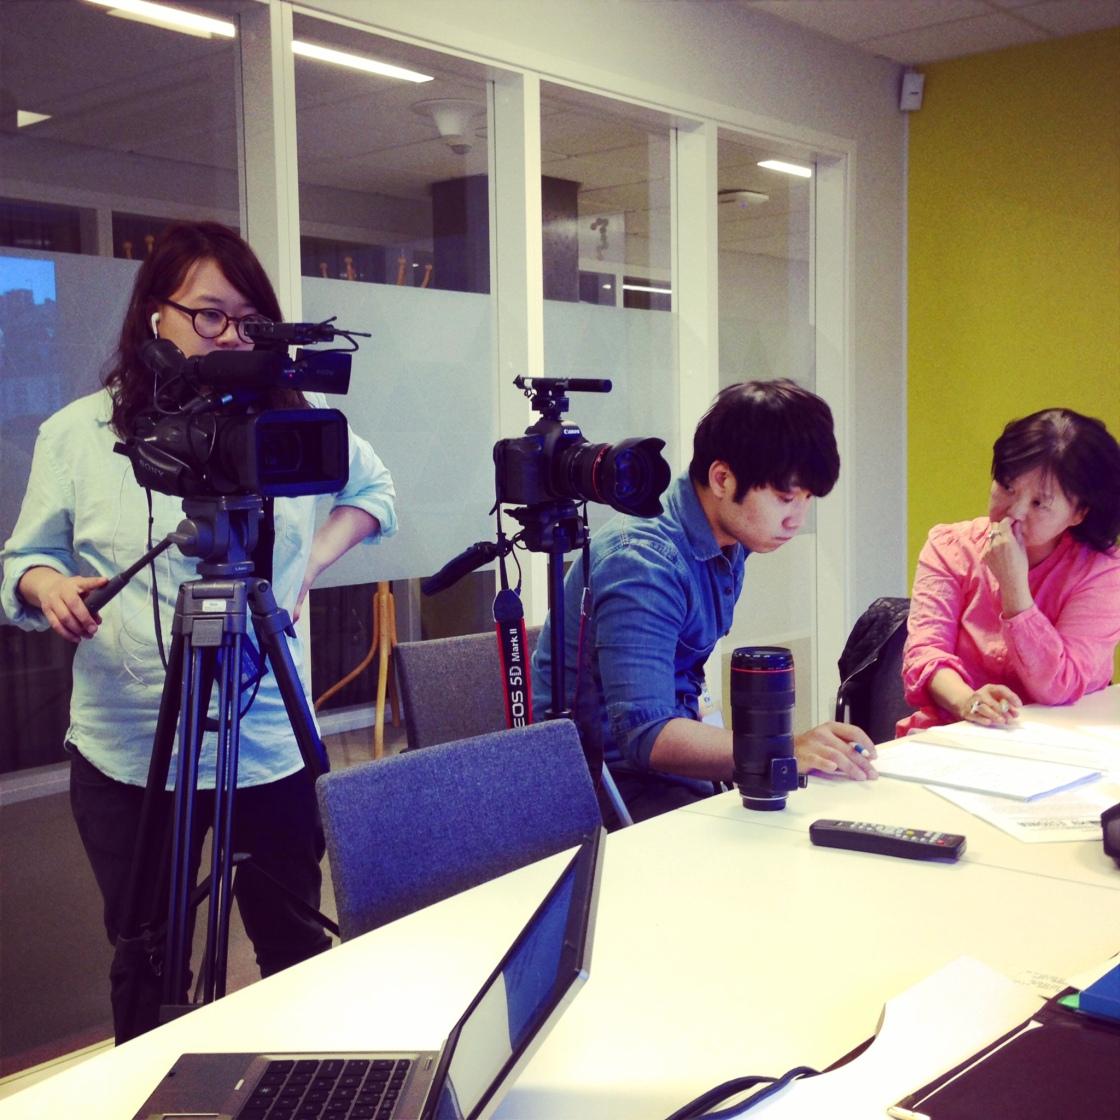 Igår blev jag intervjuad av ett koreanskt tv-team. Topp fem märkliga upplevelser i mitt liv...